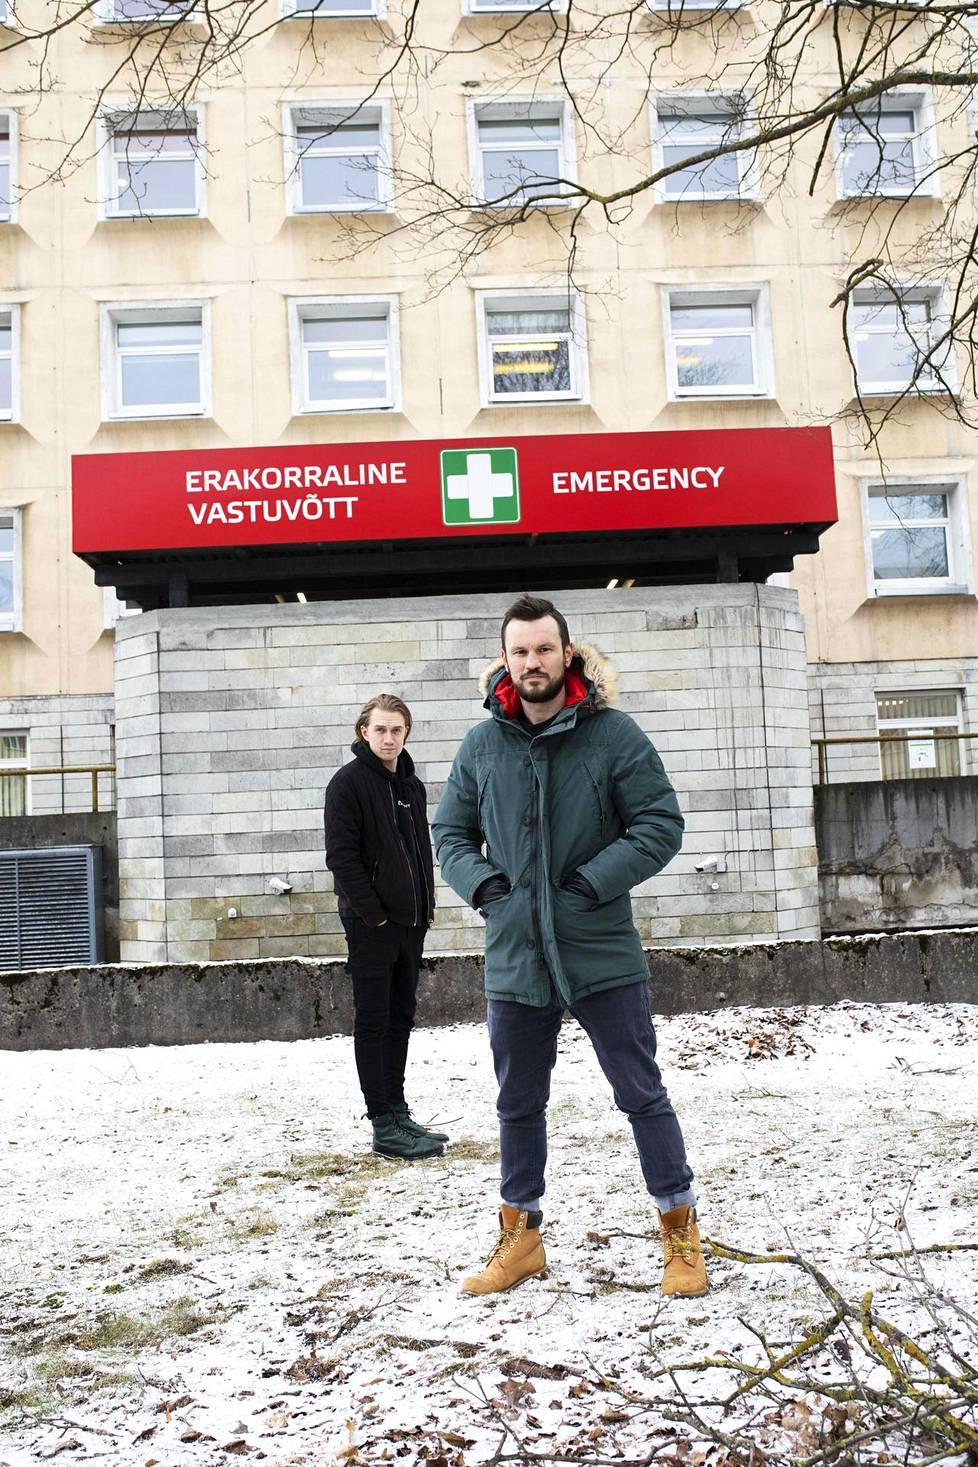 Traffic-yhtyeen Joonas Sarapuu ja Silver Laas kertovat olevansa motivoituneita työhönsä Itä-Tallinnan keskussairaalassa. – Haluamme tehdä oman osamme, jotta kriisistä päästään ulos. Jatkuvat peruutukset turhauttavat. Tänä vuonna tavoitteena on levyttää ja päästä juhlimaan bändin 15-vuotistaivalta yleisön kanssa.